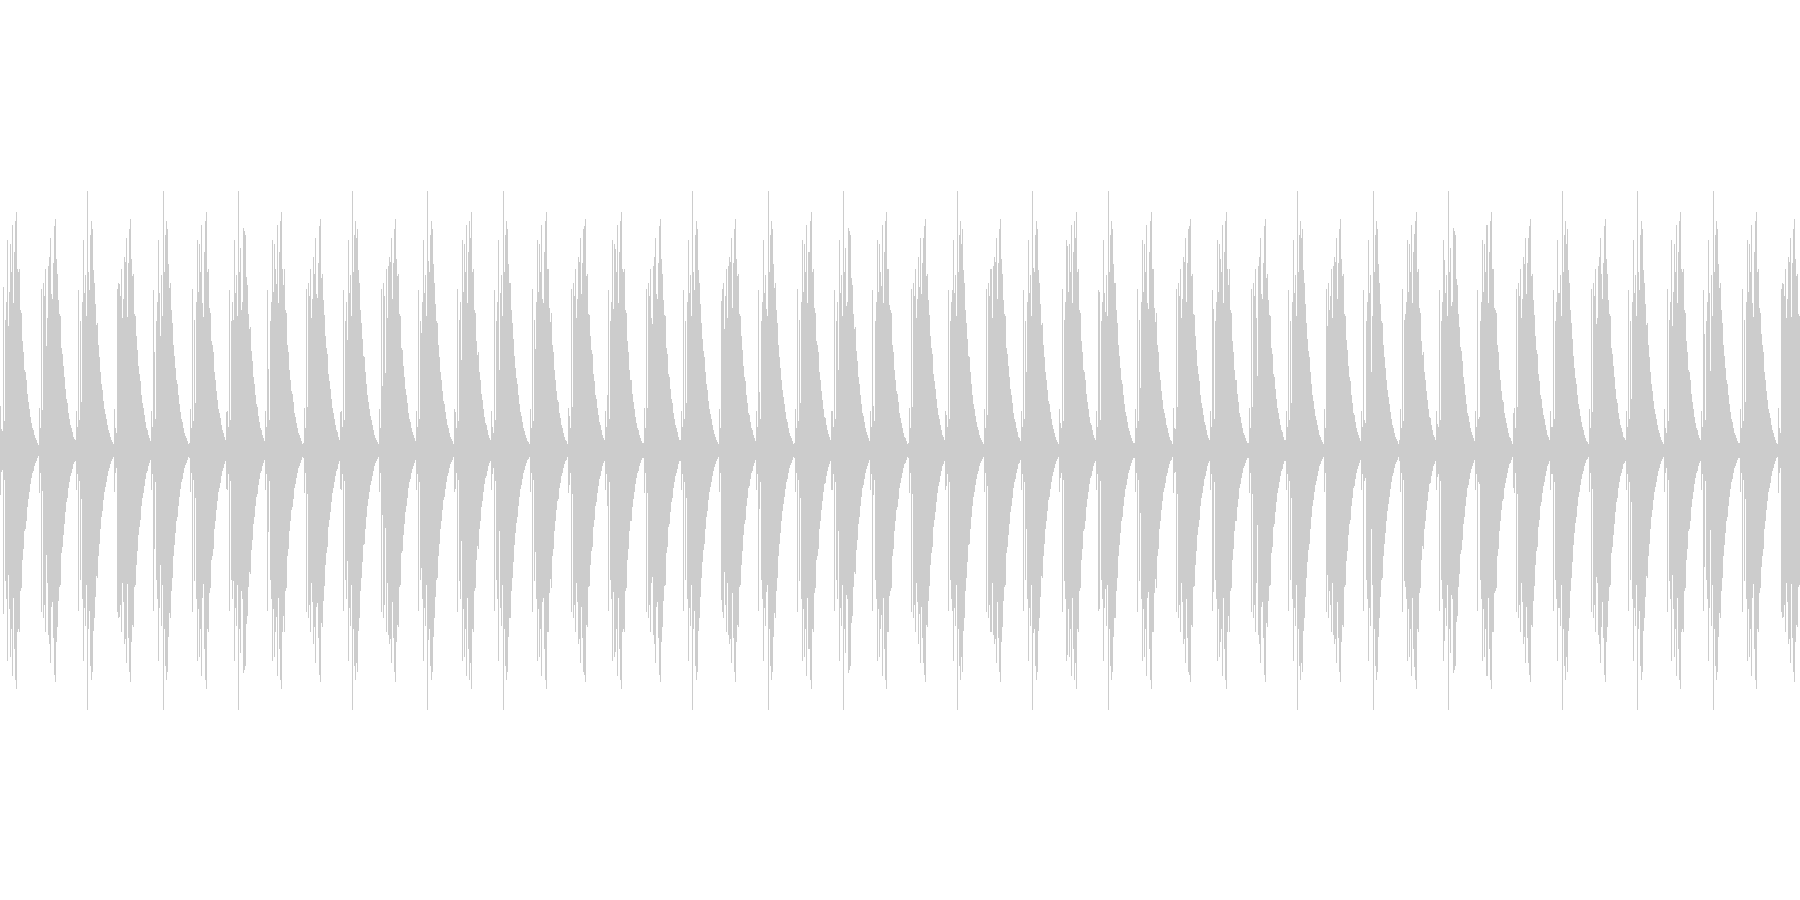 ゲージ・スコアカウント音(ピピピピピ)の未再生の波形